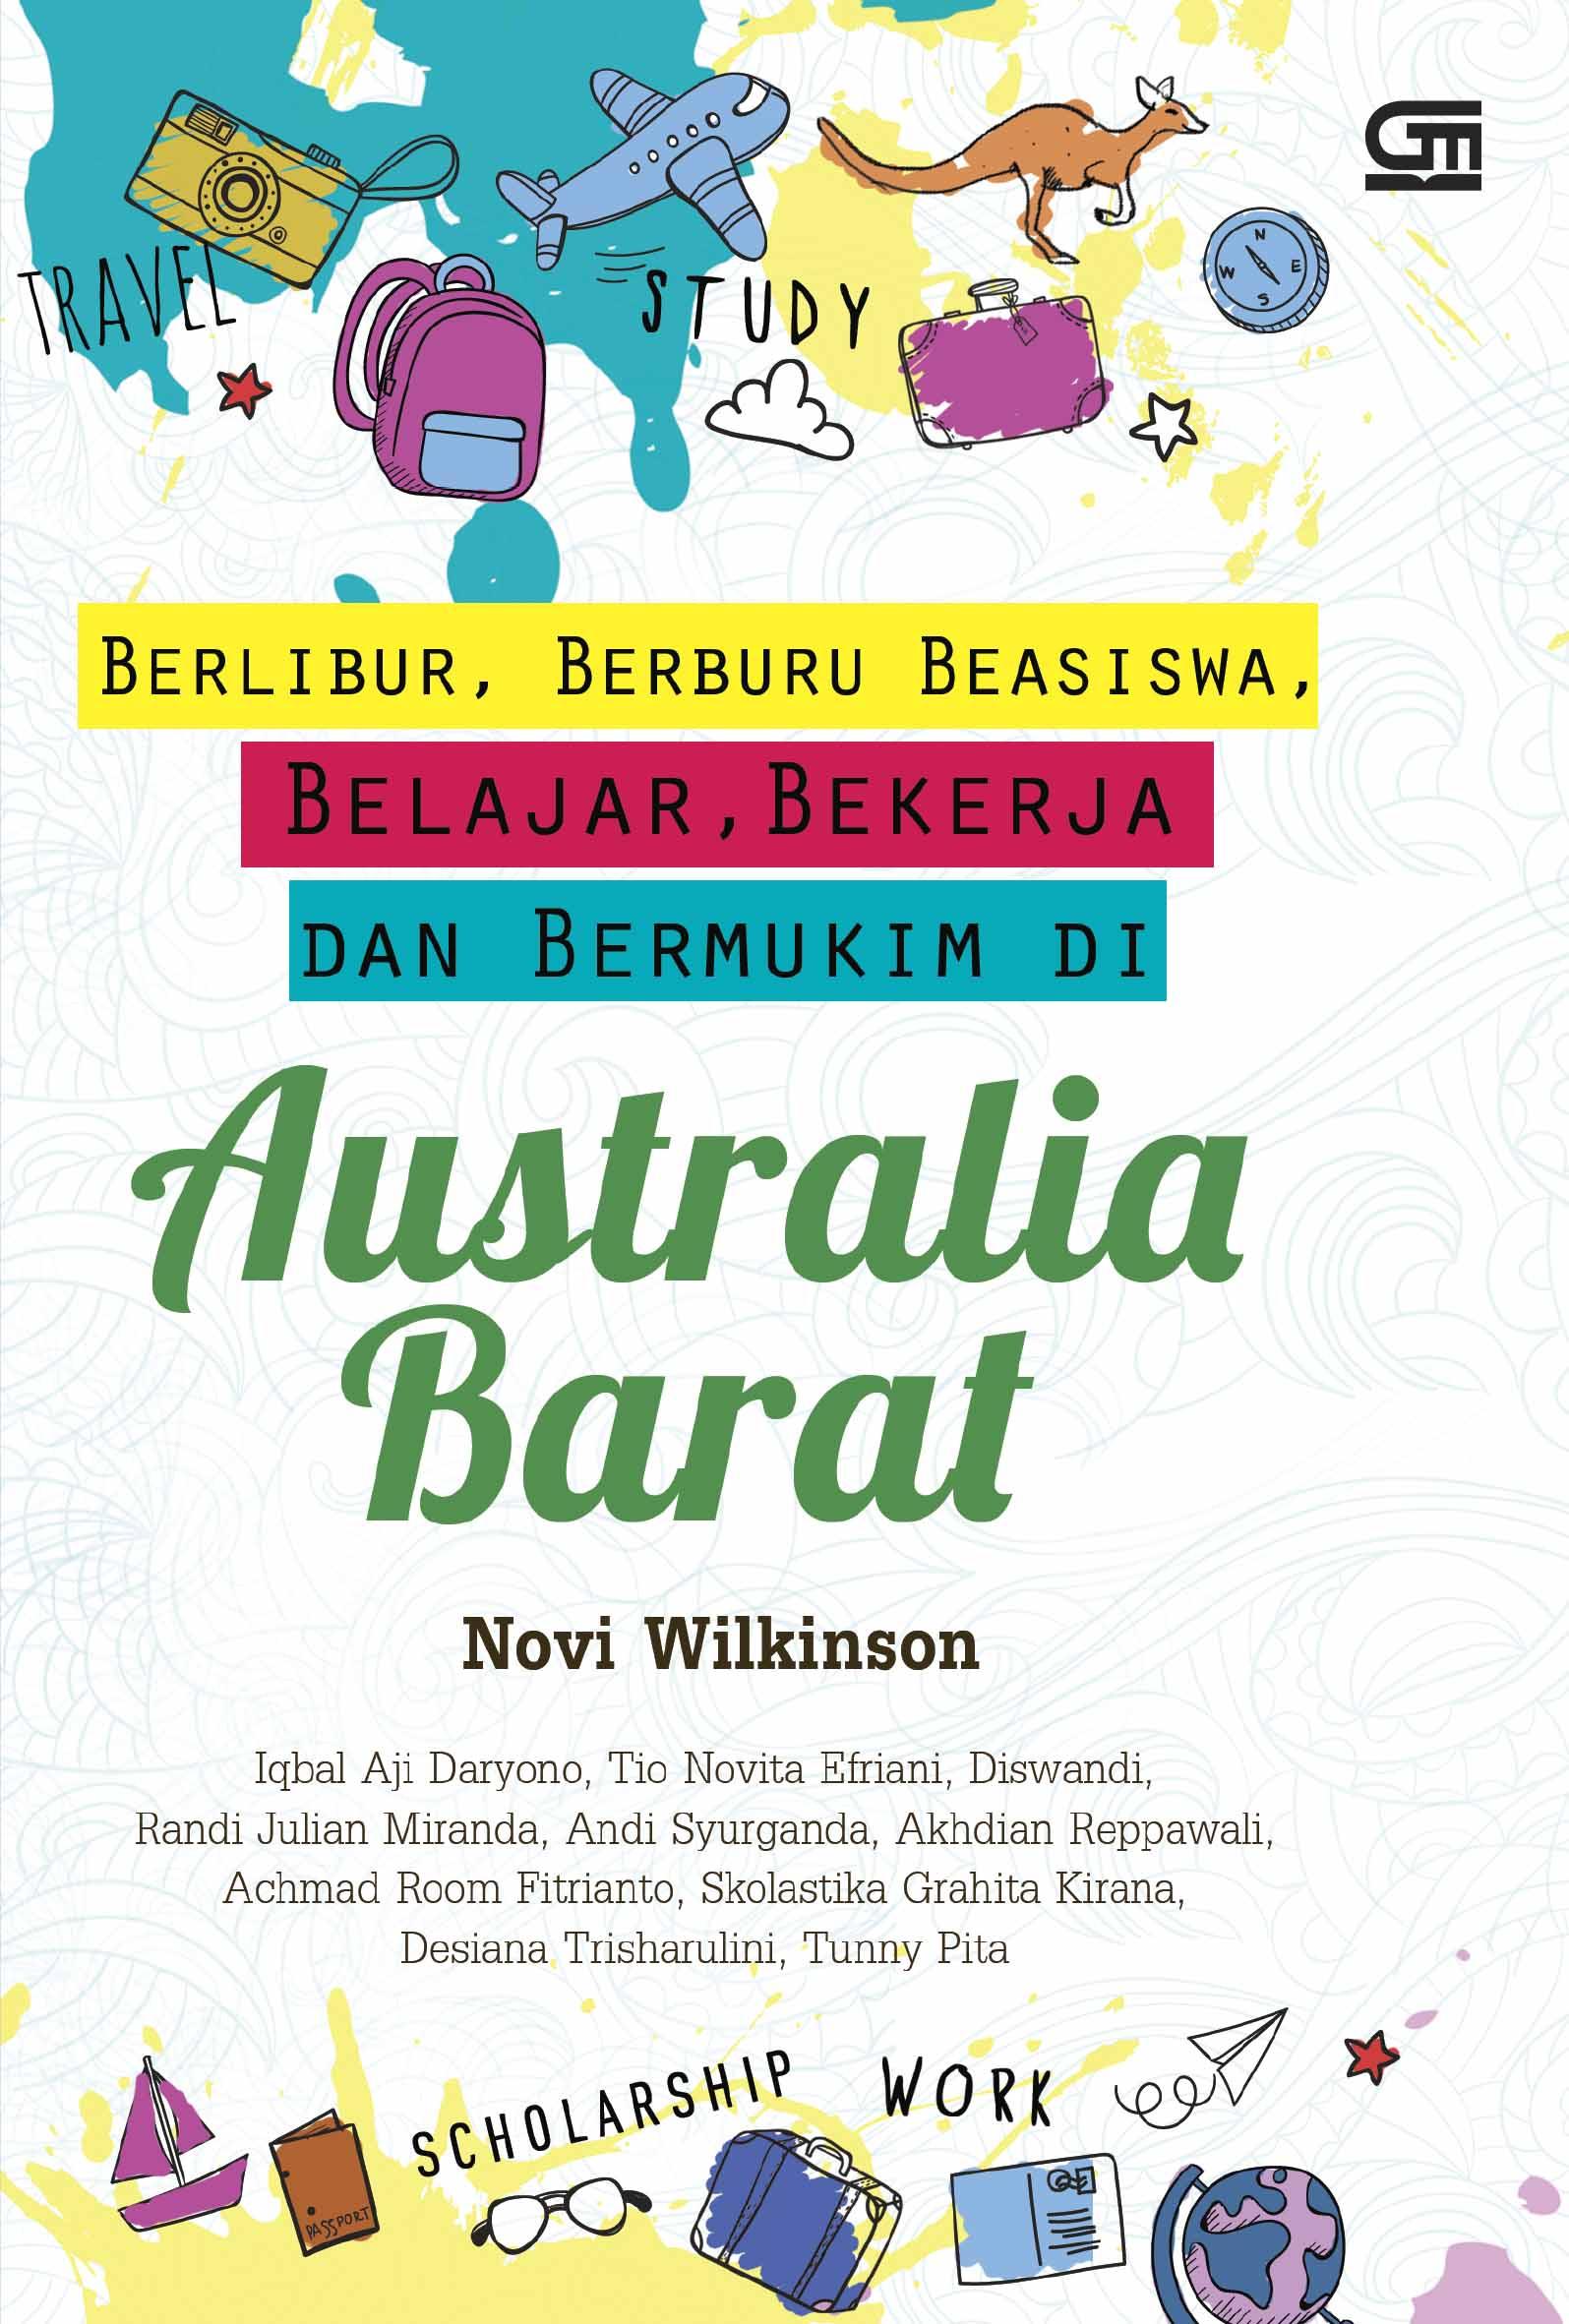 Berlibur, Beasiswa, Belajar, Bekerja dan Bermukim di Australia Barat